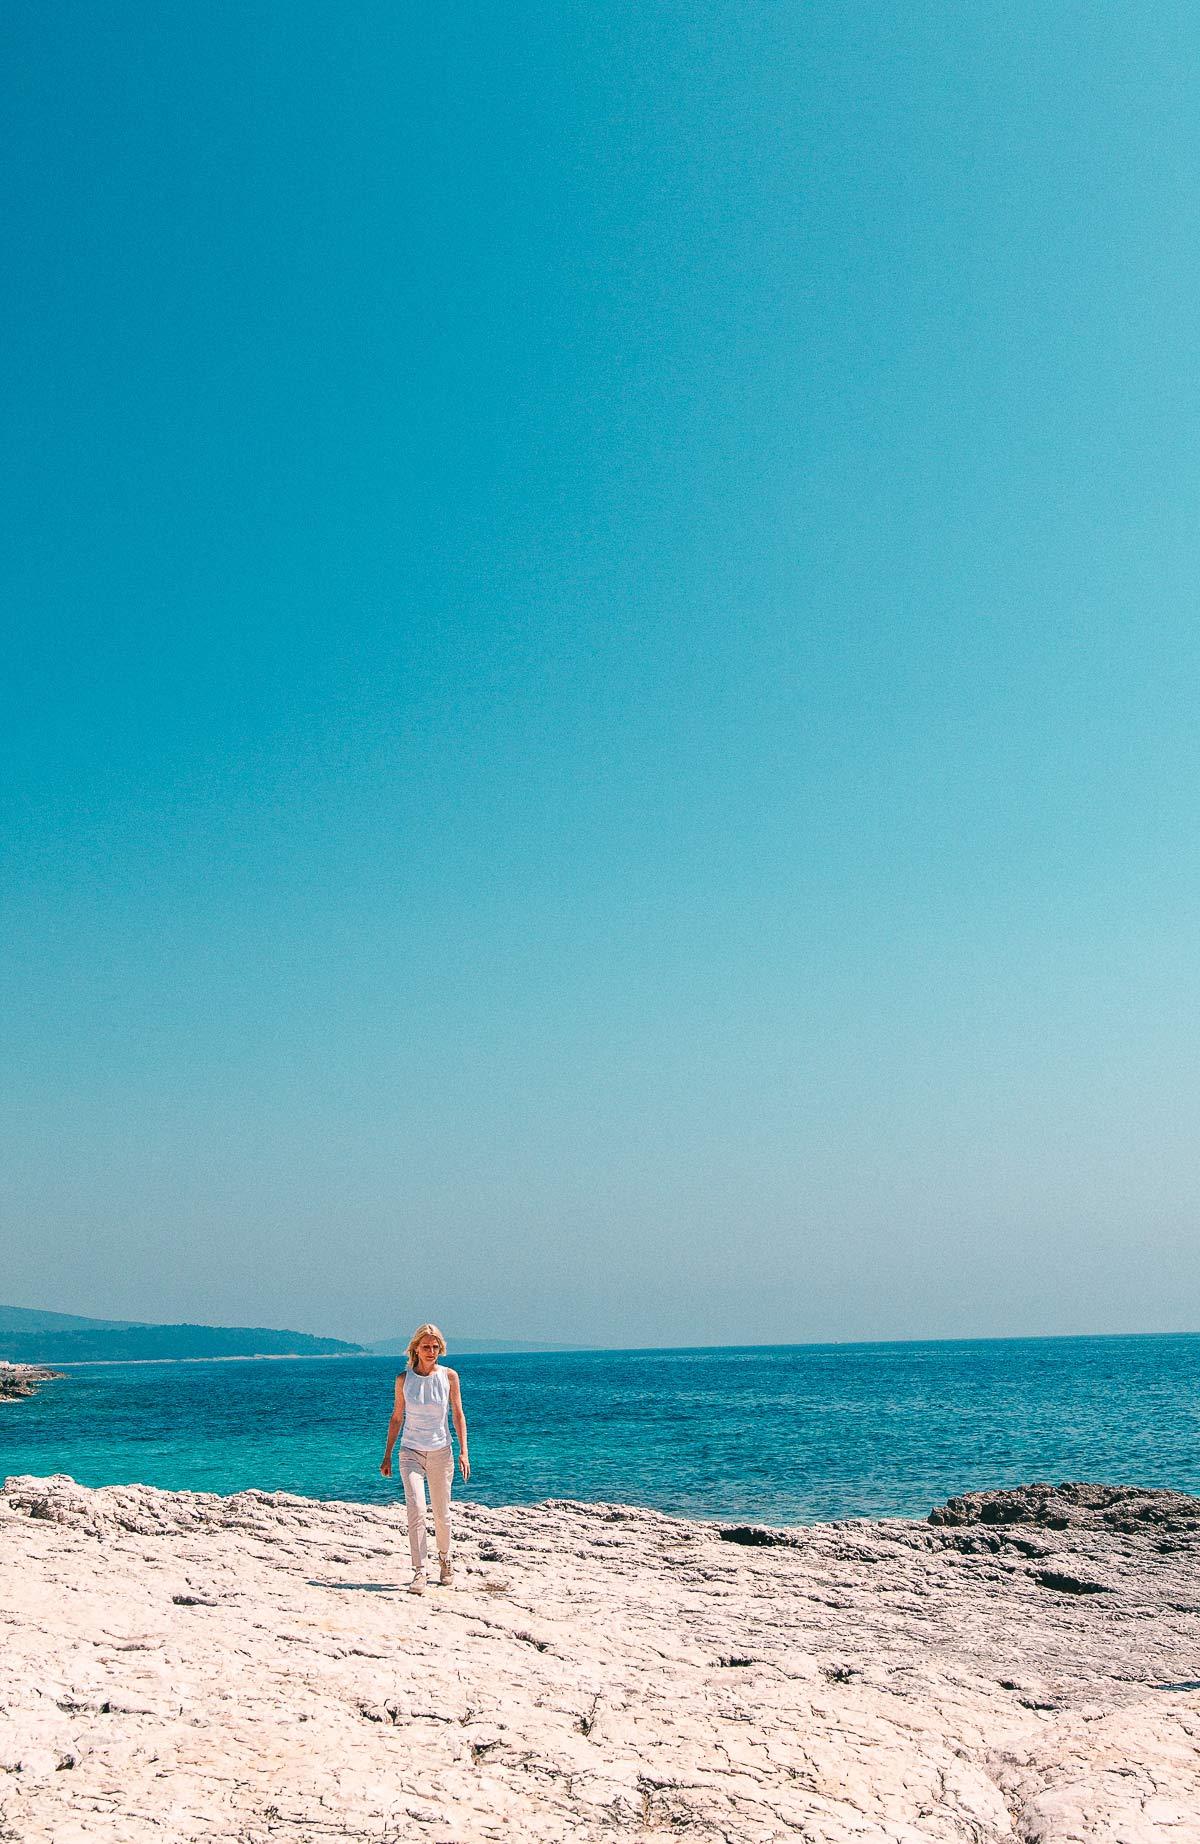 Sonnenbucht in Kroatien